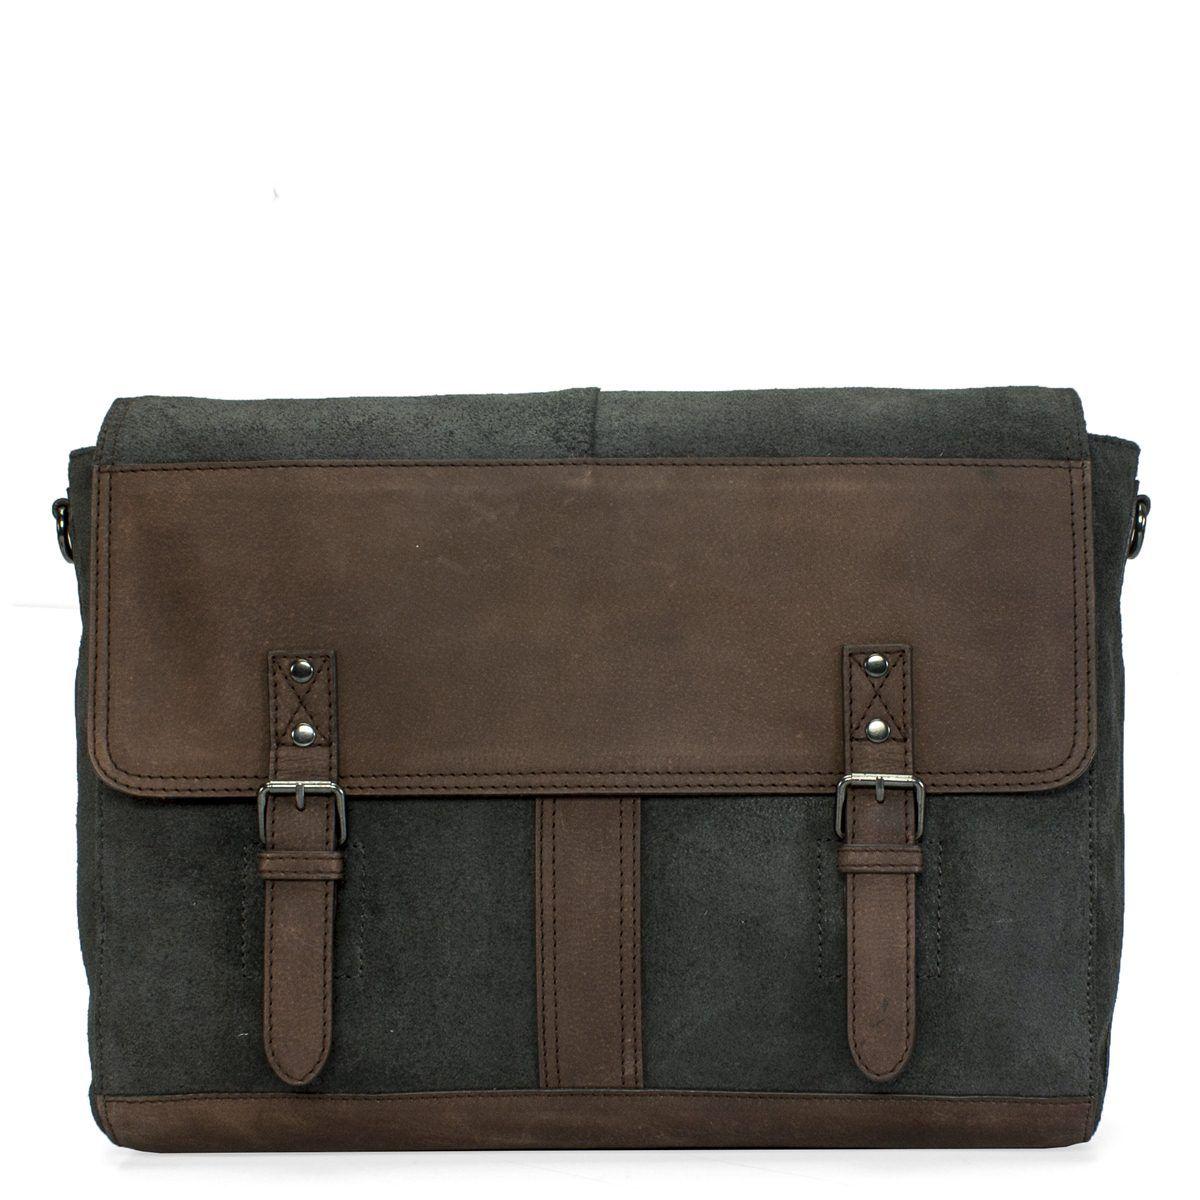 c91fe48ea137 14 Best Messenger Bags images